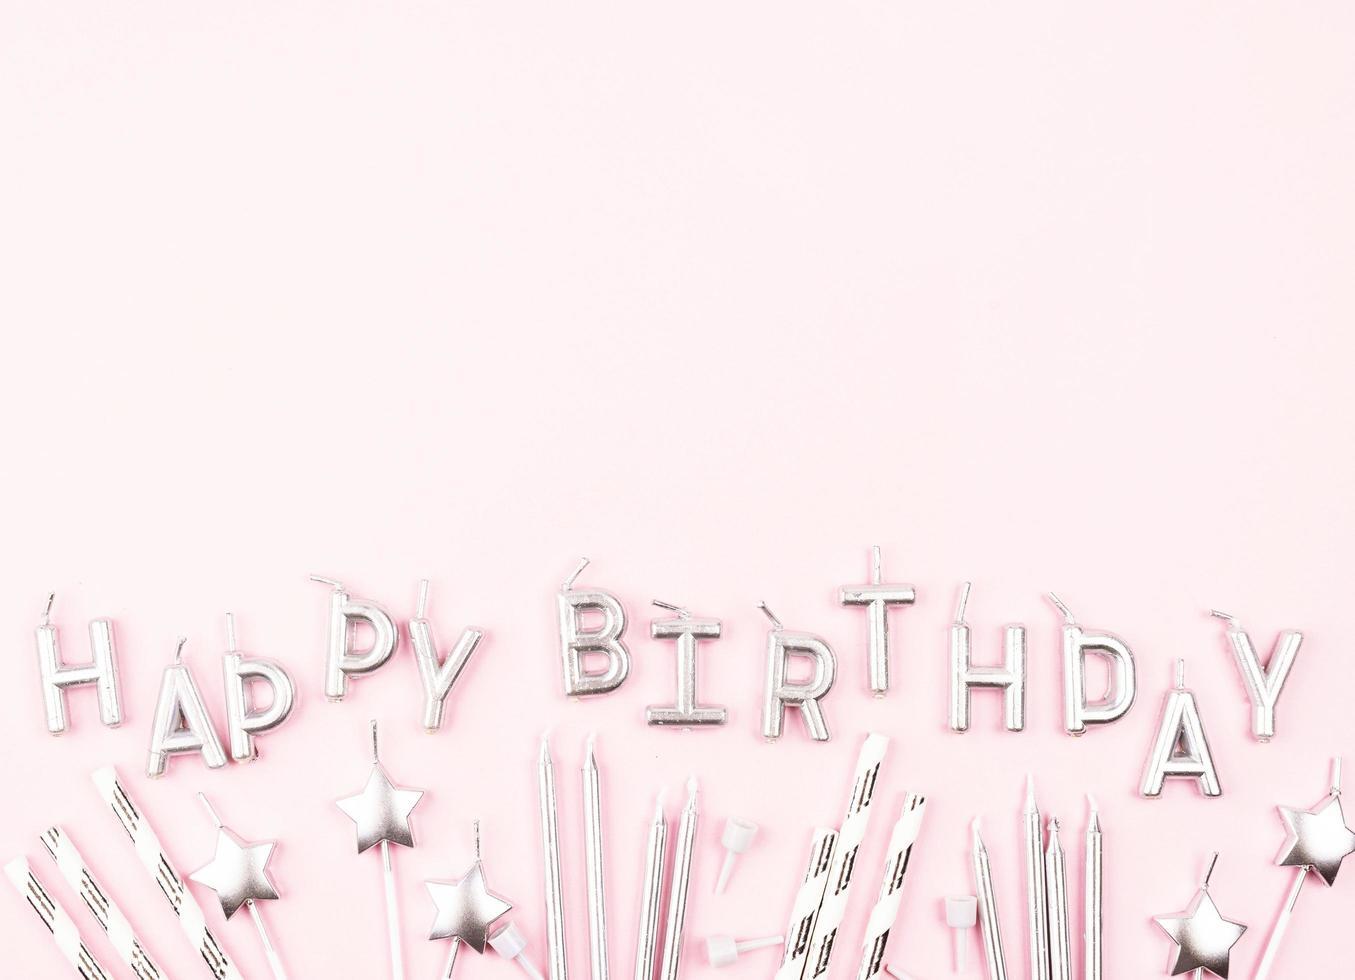 candele di compleanno piatte con spazio di copia foto